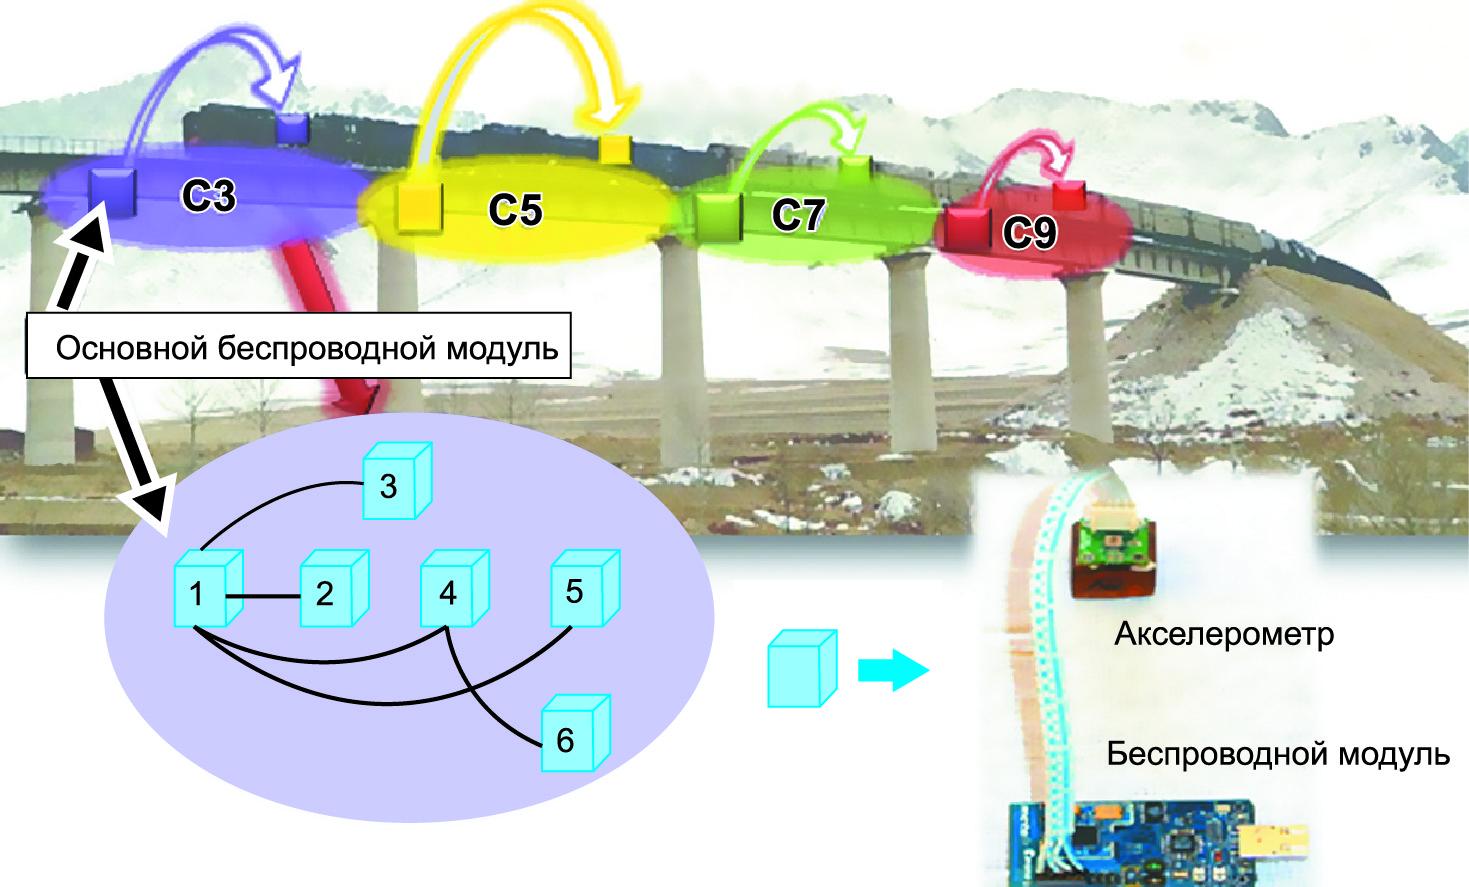 Мониторинг технического состояния железнодорожного моста в режиме реального времени